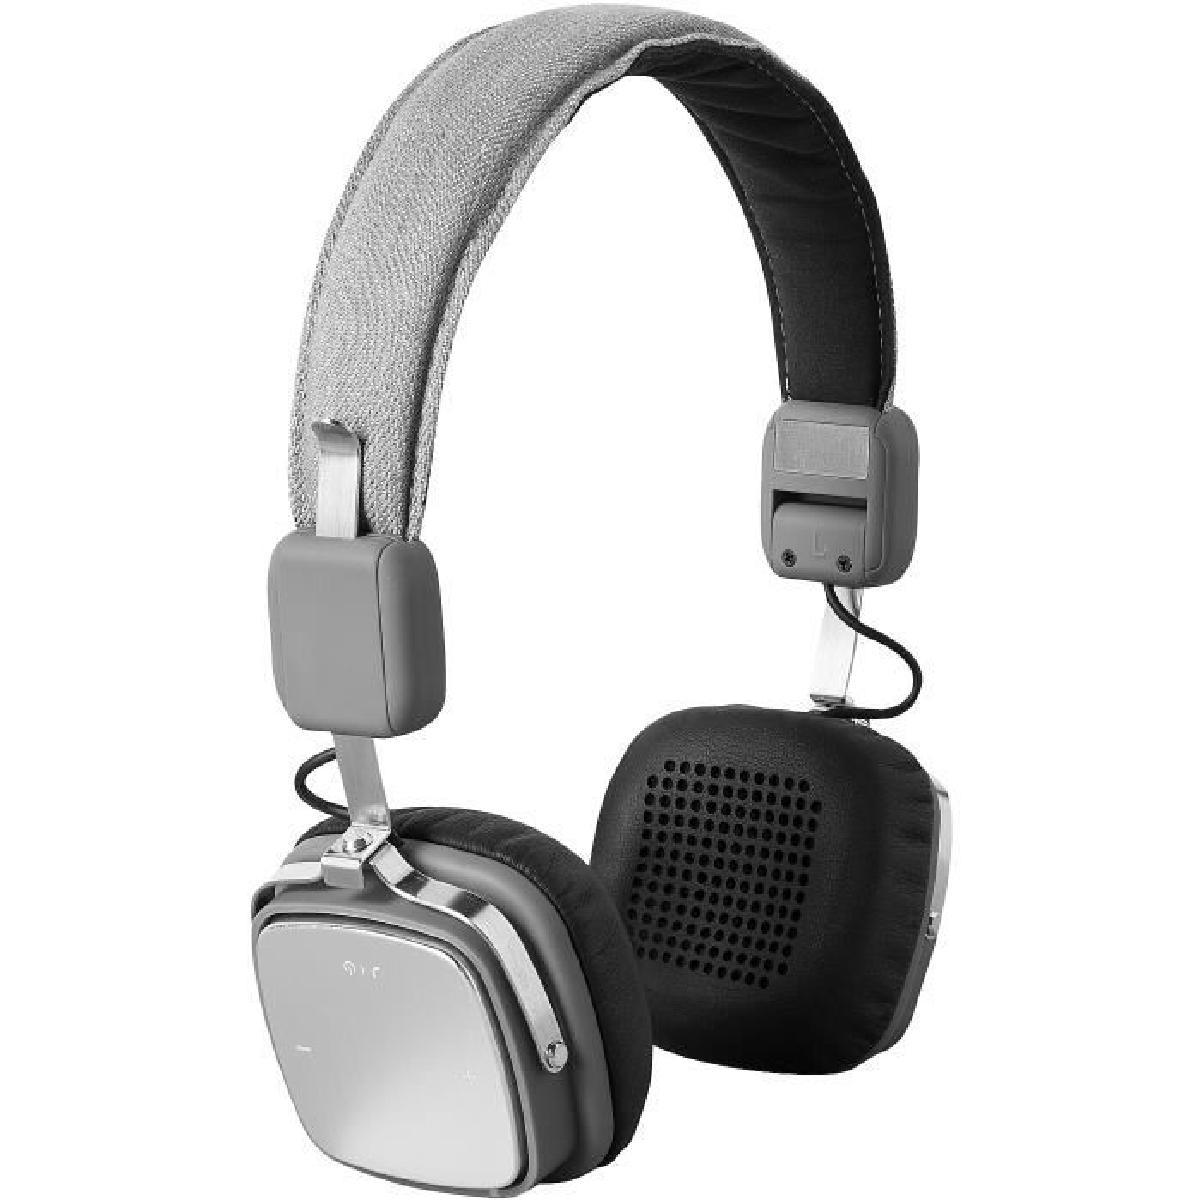 Casque audio Bluetooth : La couleur a t-elle de l'importance ?